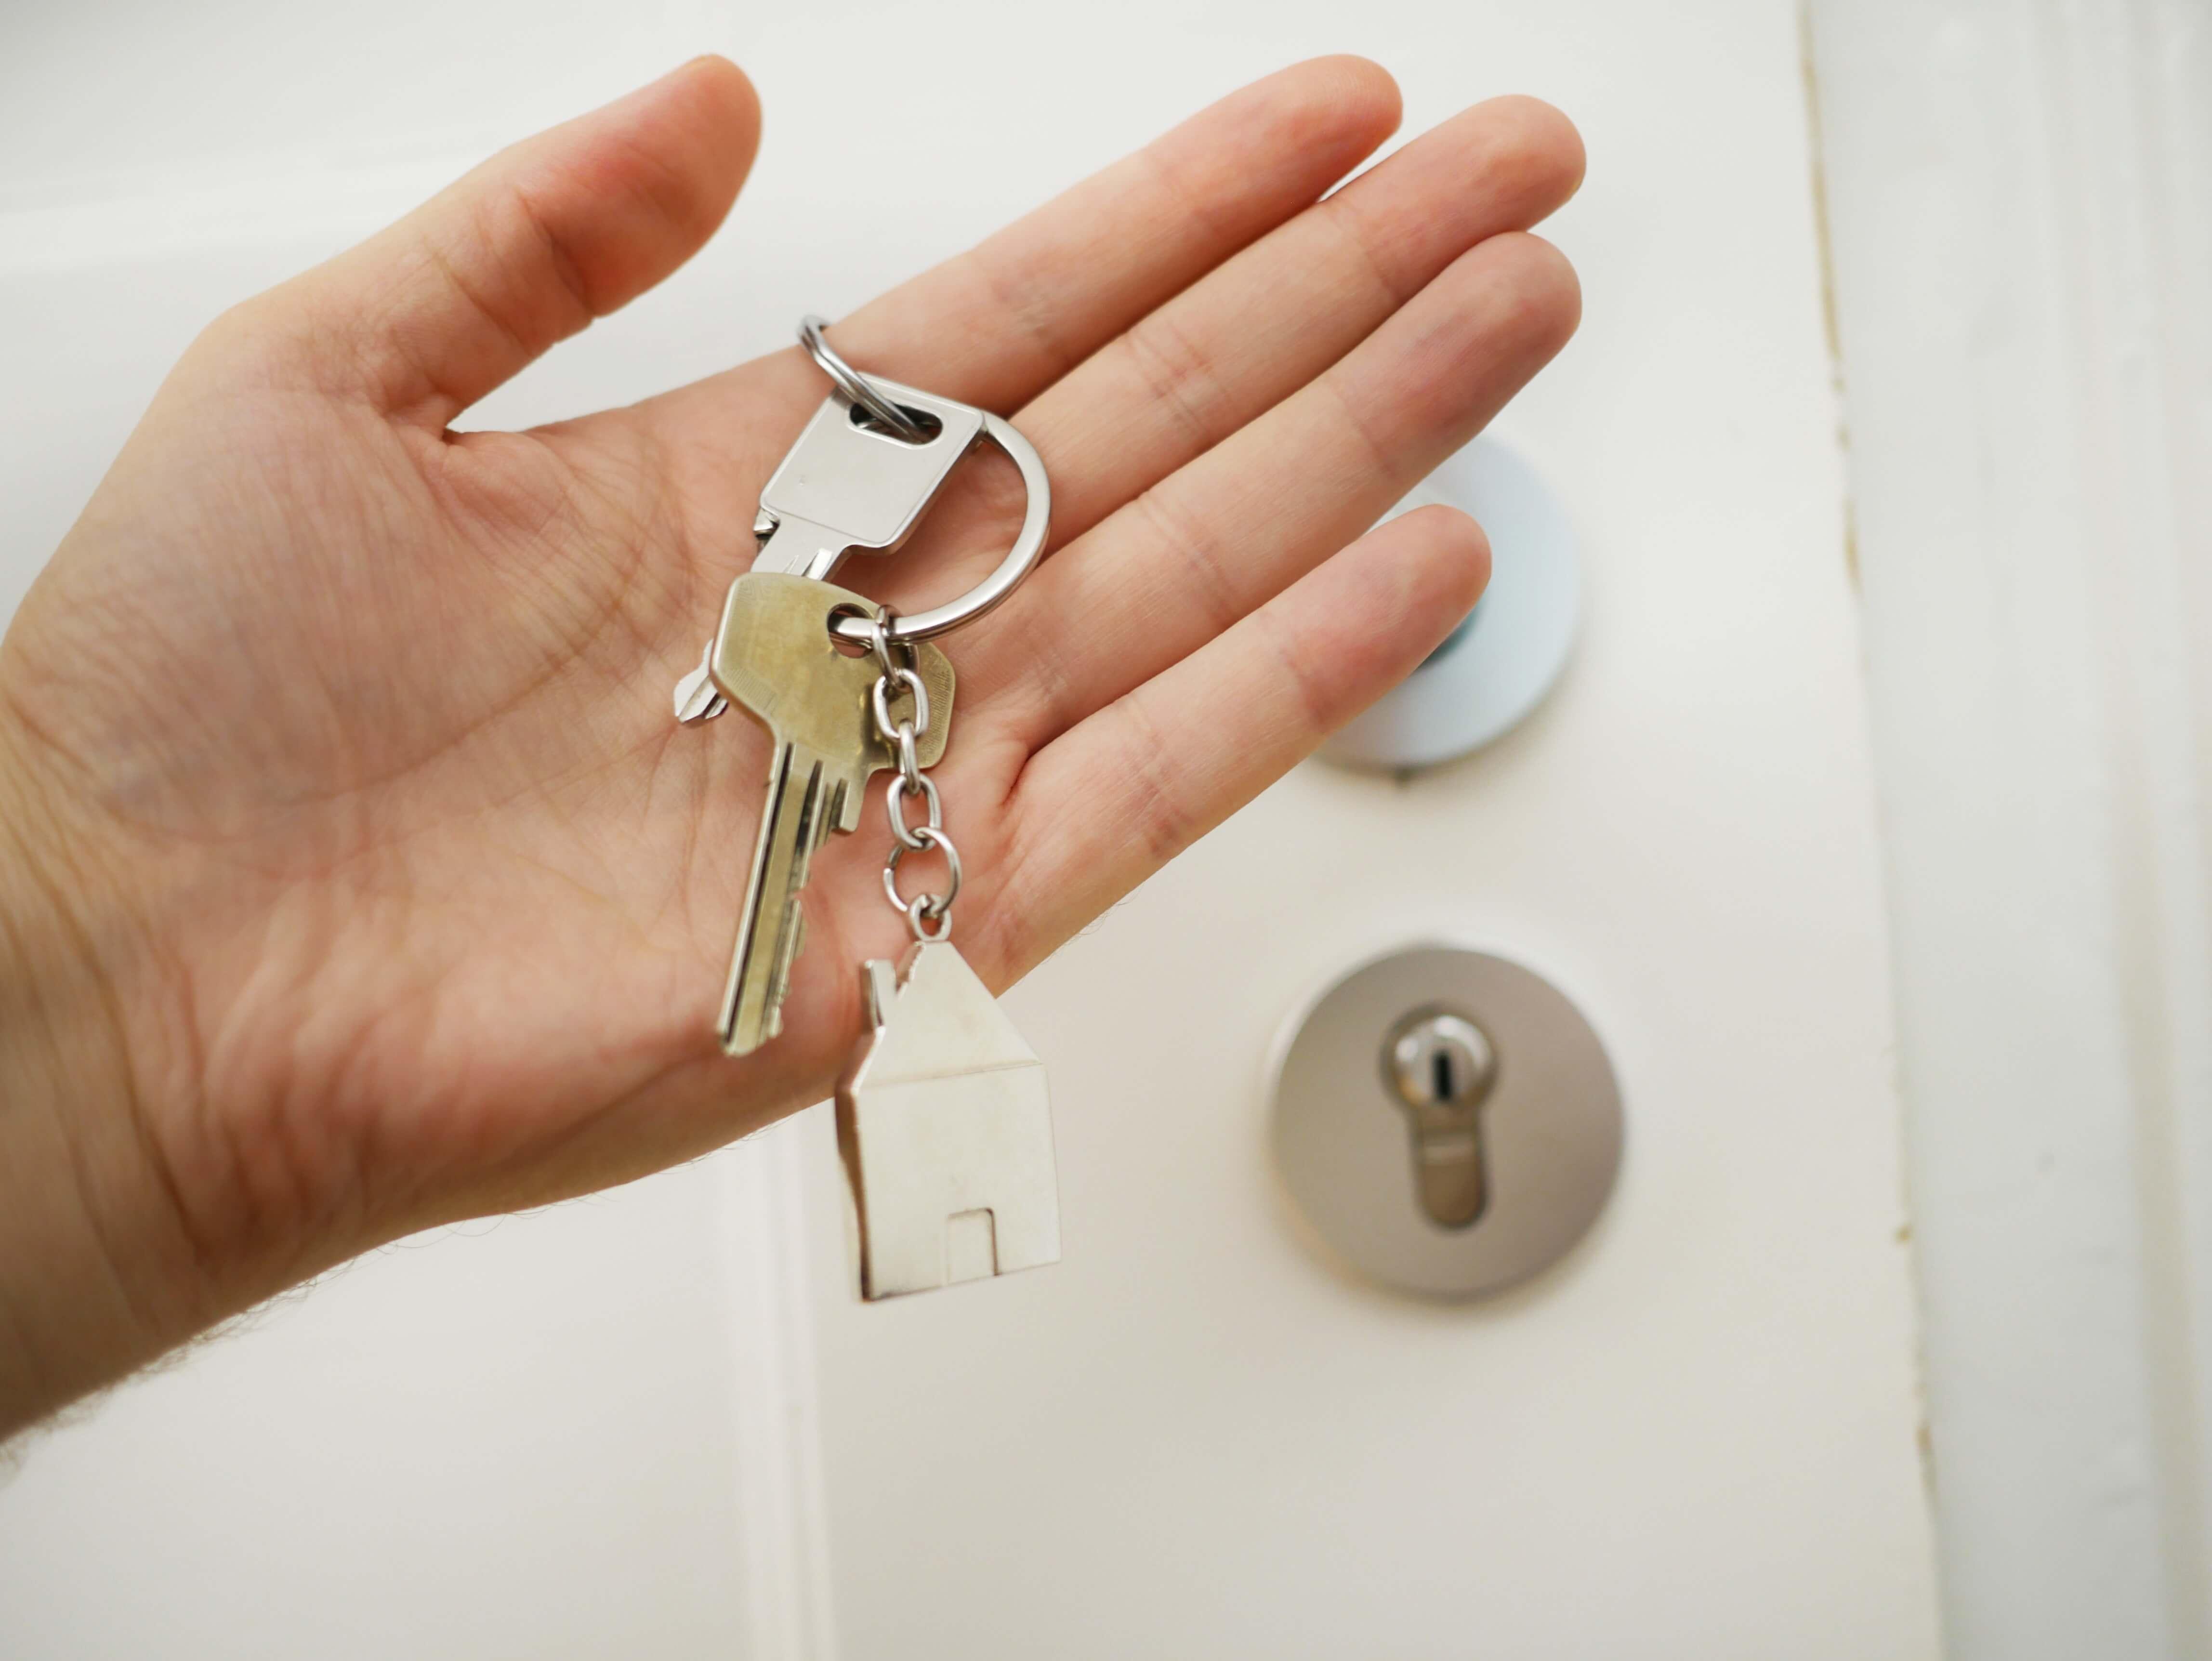 House move keys